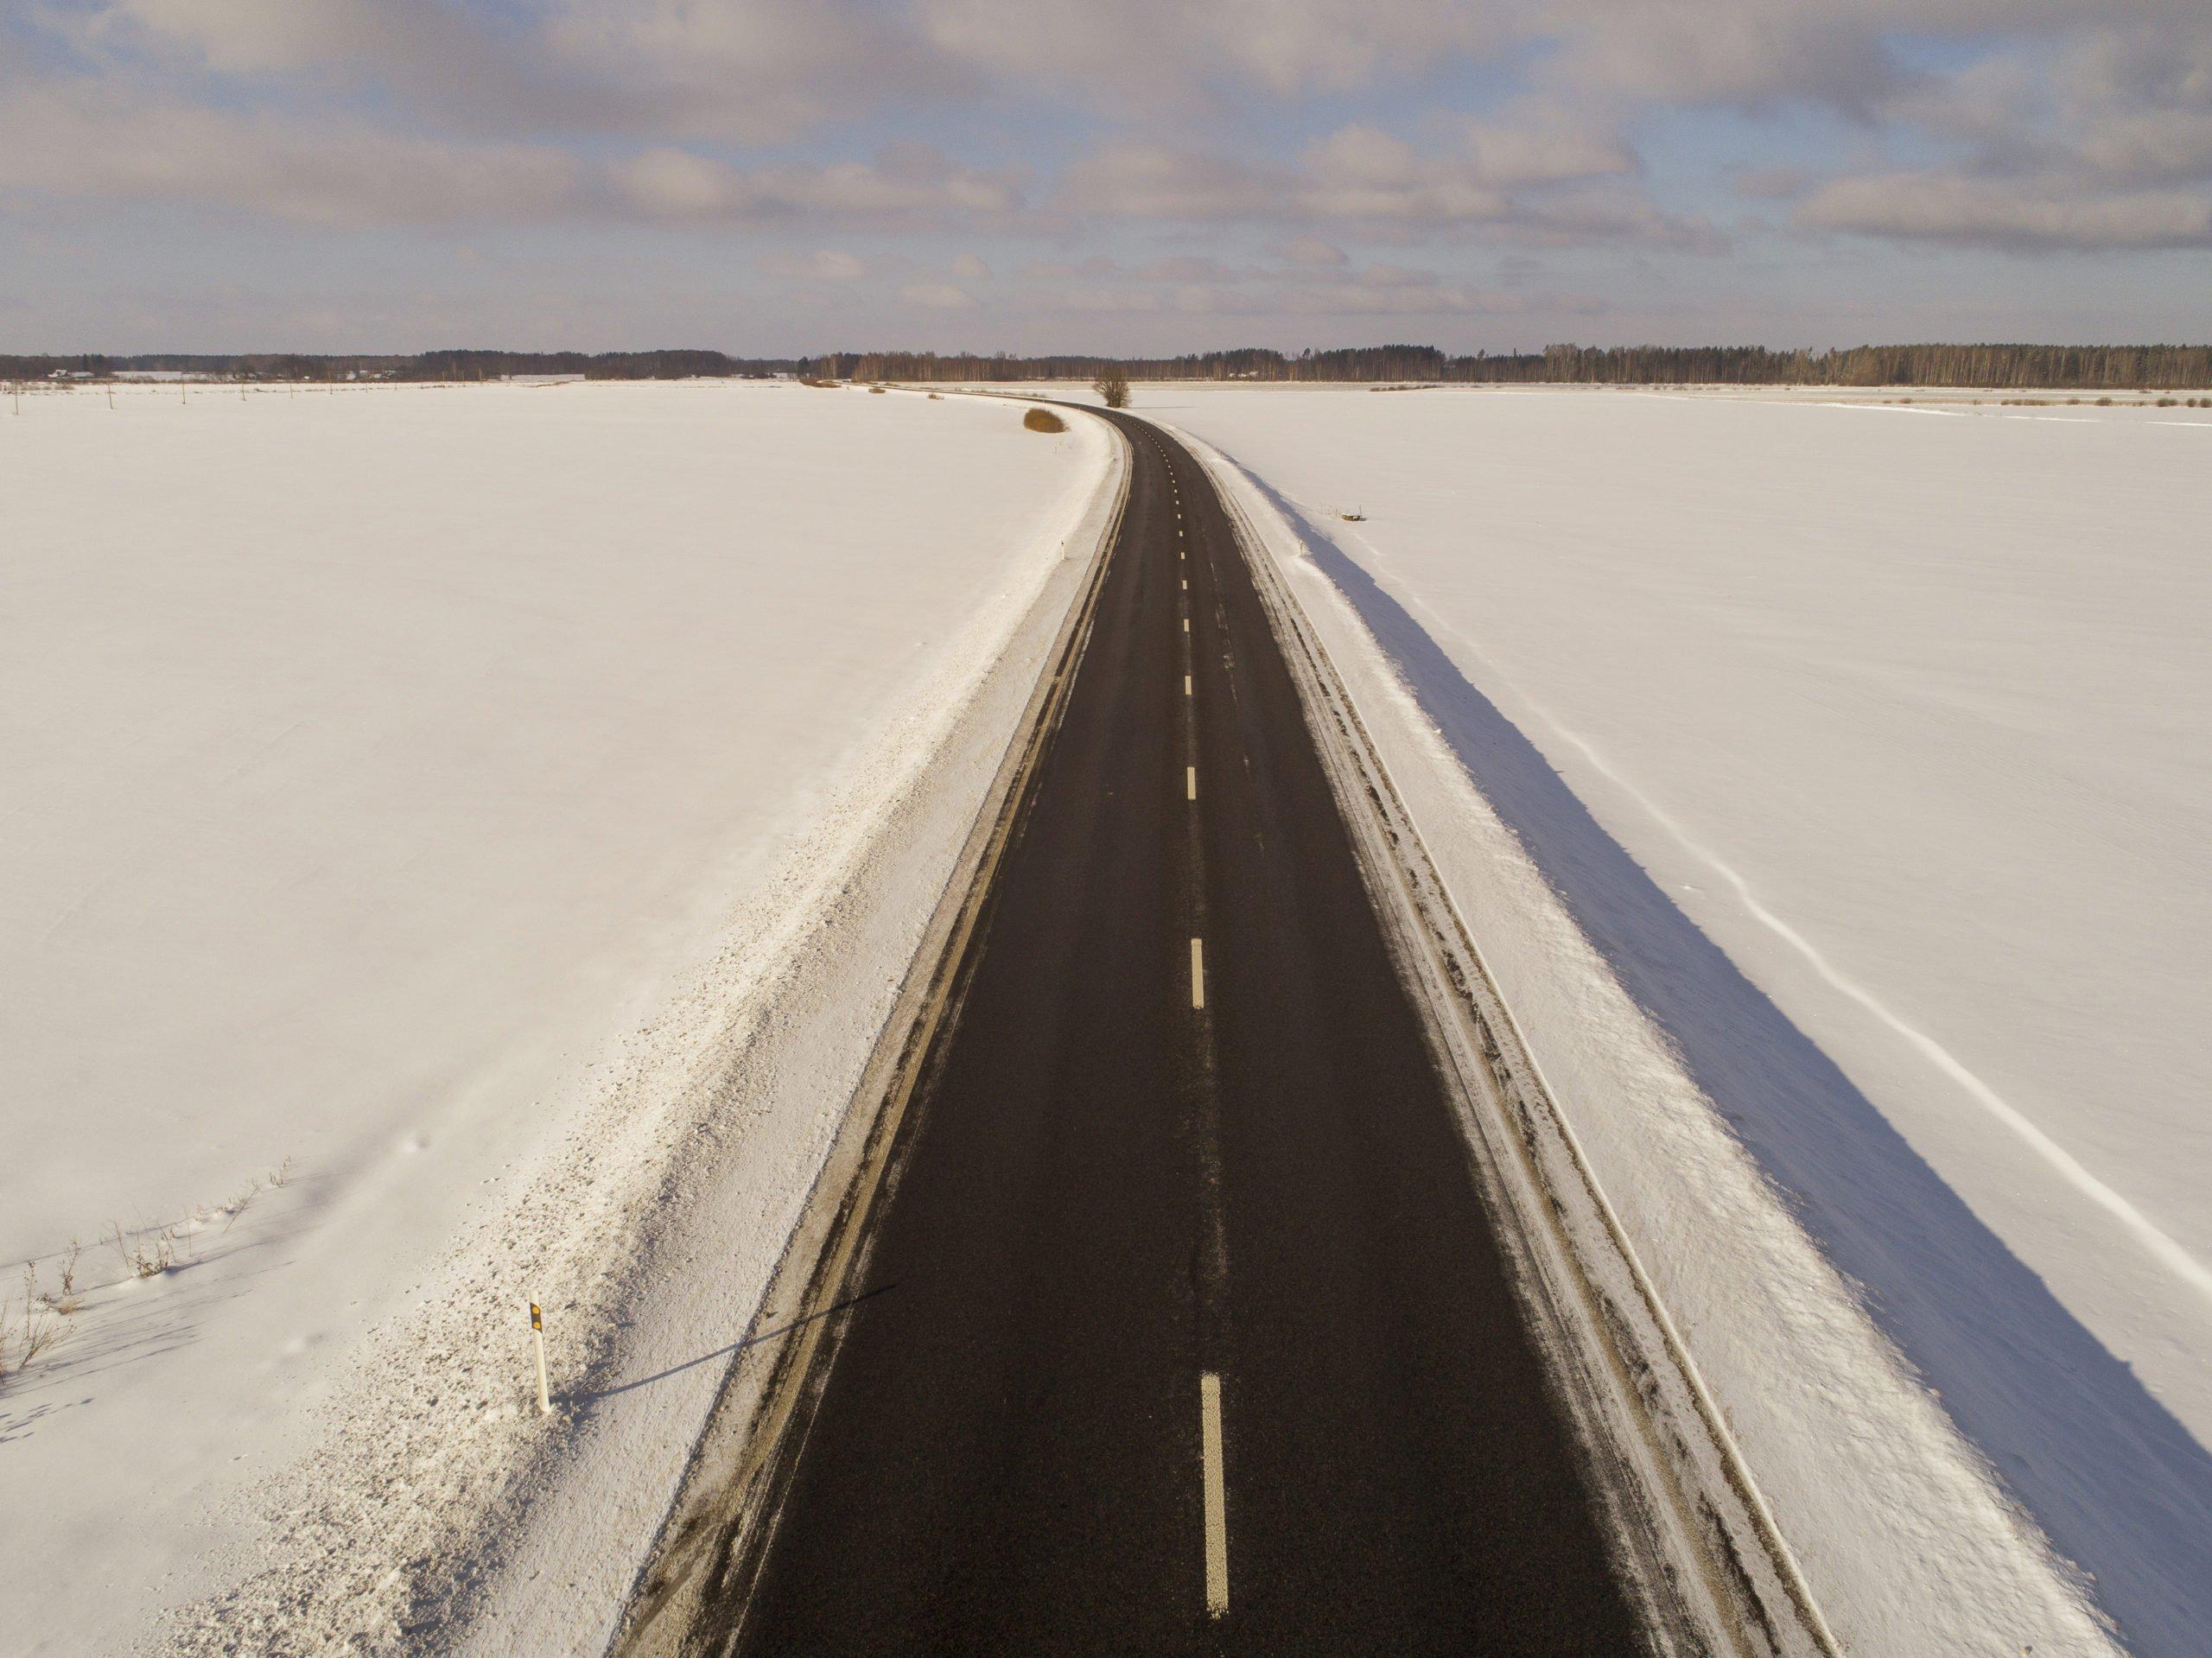 Autoceļu uzturēšanas eksperts: satiksmei bīstamo bedru remonts uz asfaltētajiem autoceļiem tiek veikts neatkarīgi no laika apstākļiem